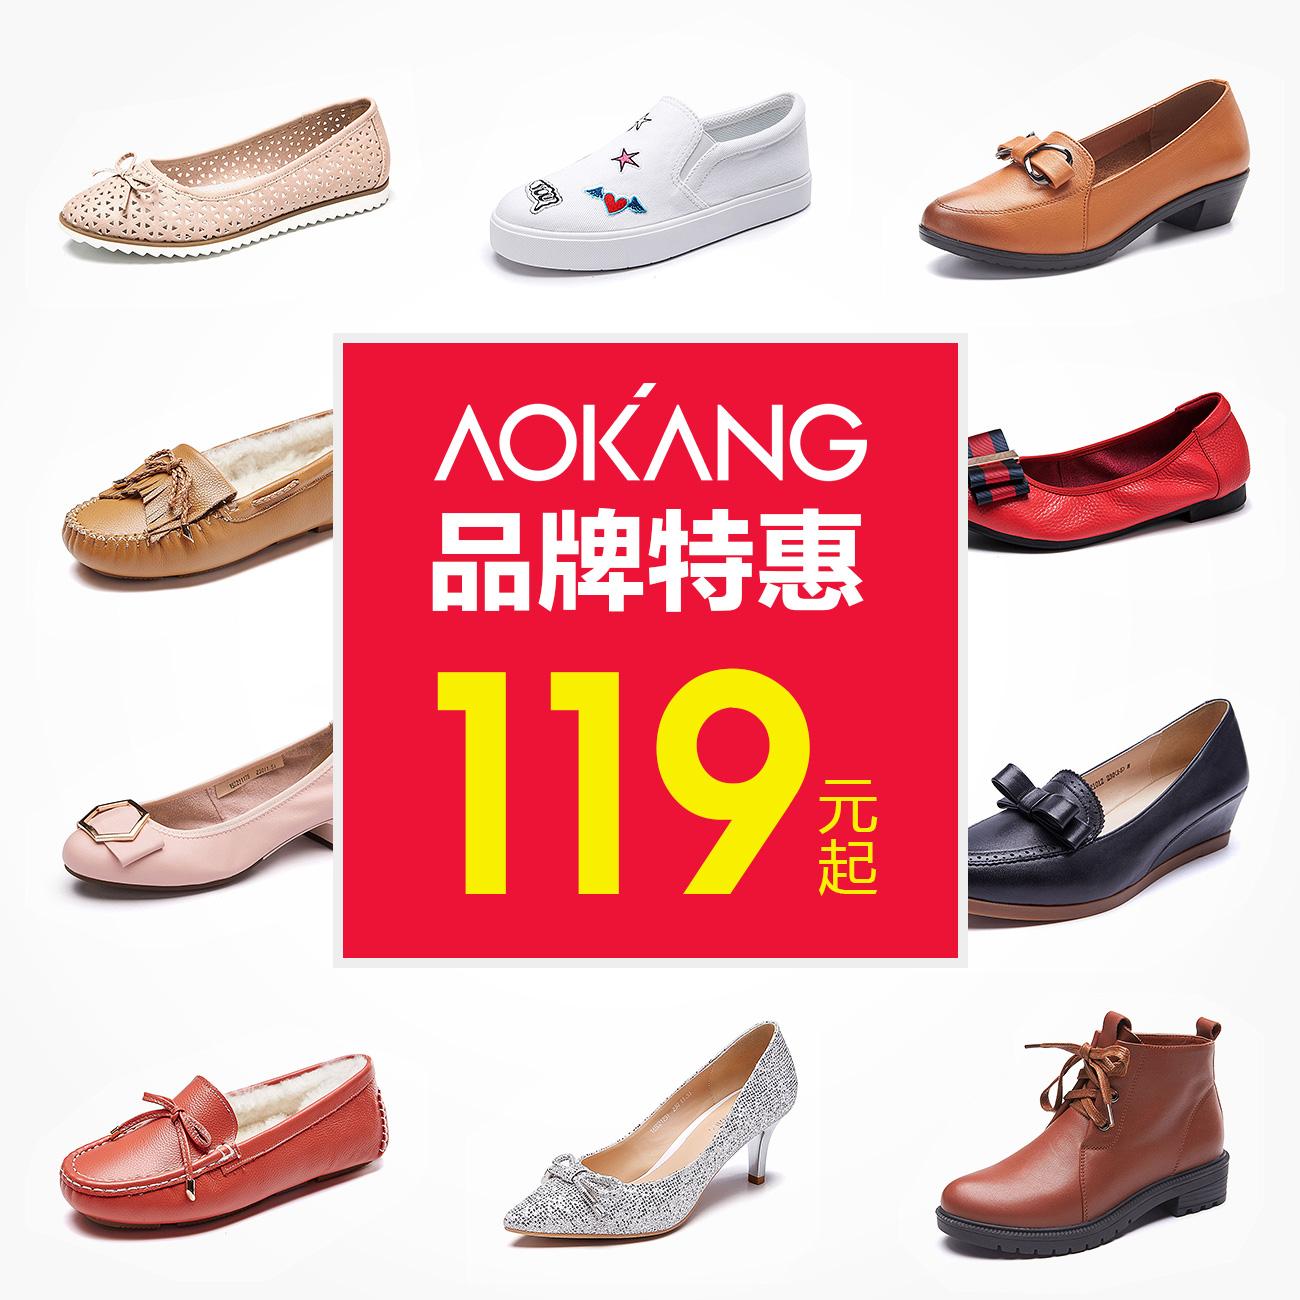 【特惠】奥康女鞋秋冬季断码女鞋女单鞋棉鞋日常舒适女款